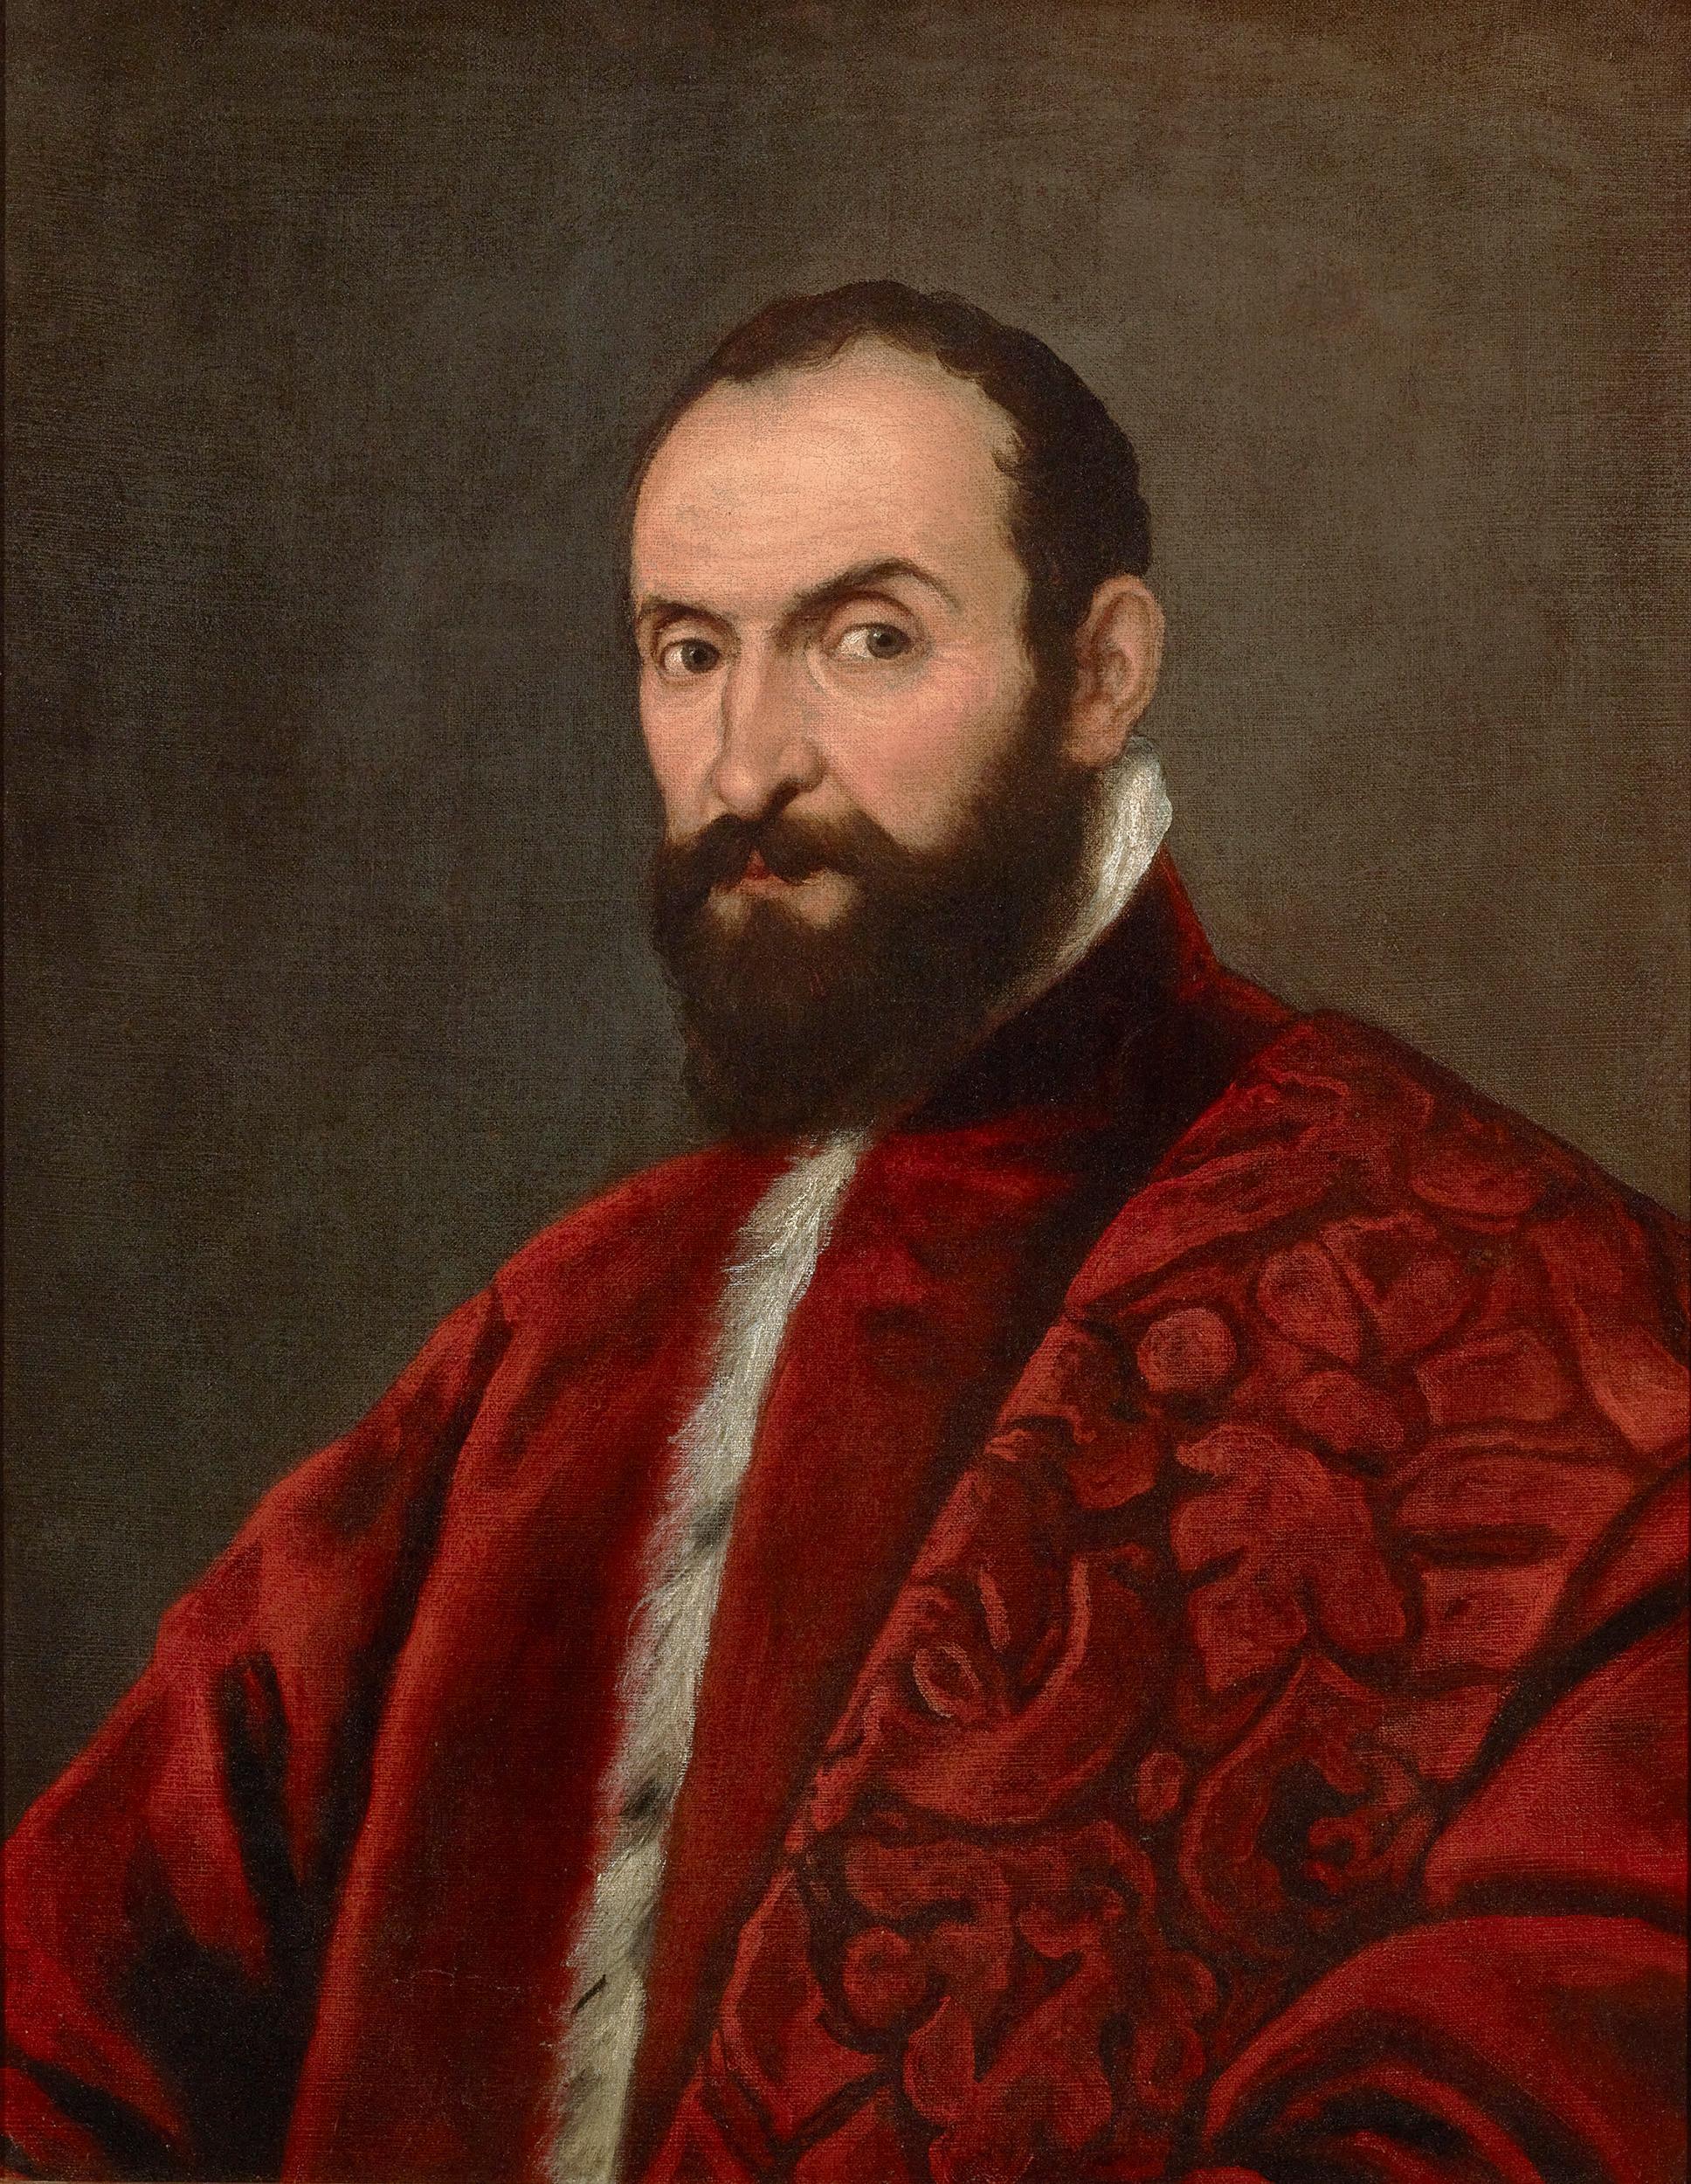 Portrait of a Venetian Senator attributed to Domenico Tintoretto